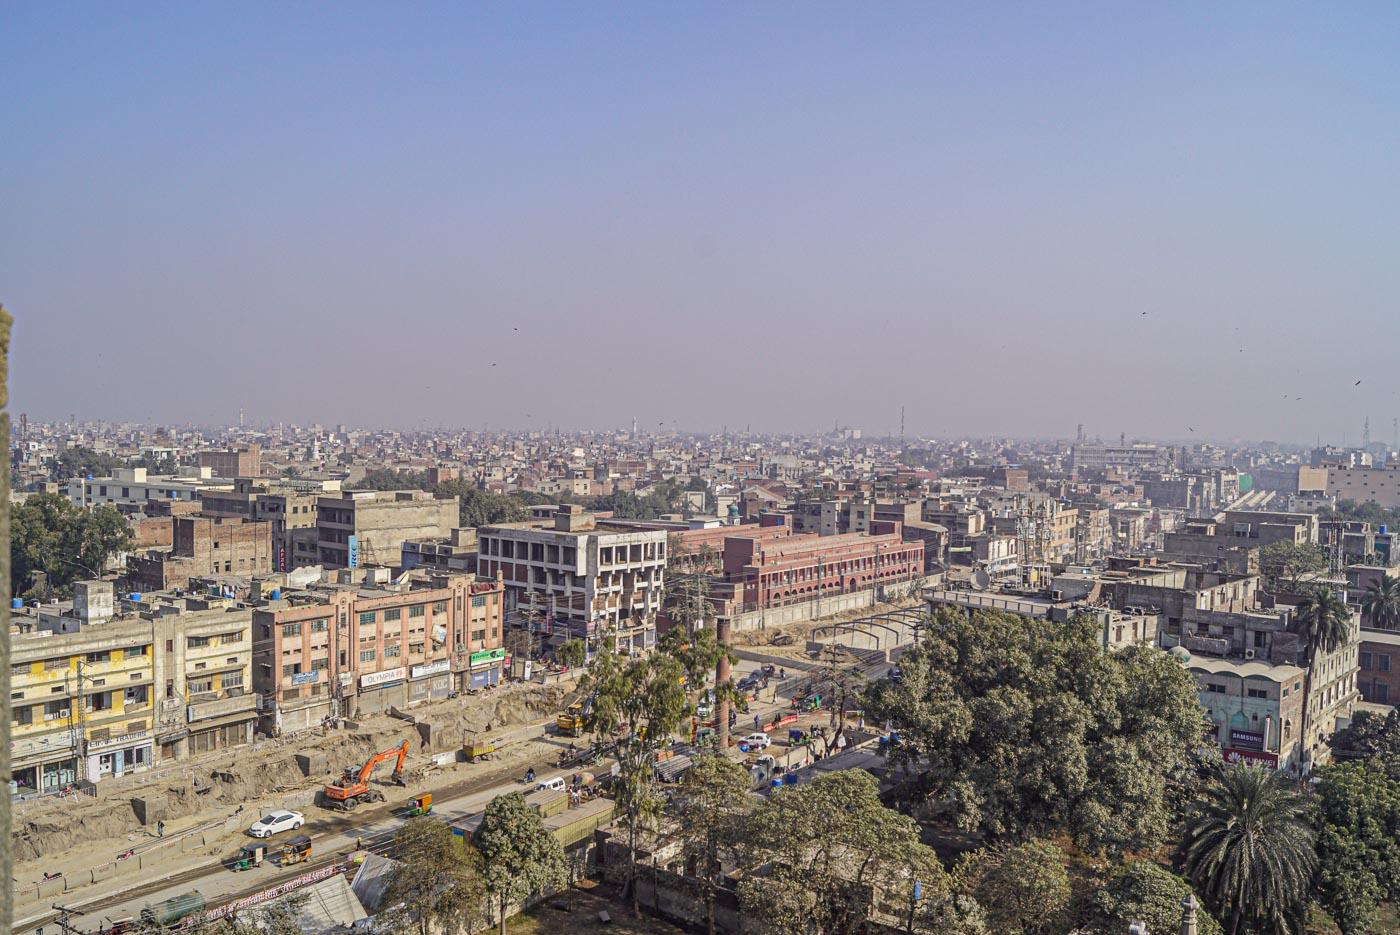 Blick über die Stadt Lahore von dem Kirchturm der Kathedrale. Viele Häuser erstrecken sich bis an den Horizont und bilden ein schönes Mosaik, im Vordergrund wird ein Tunnel gebaut.